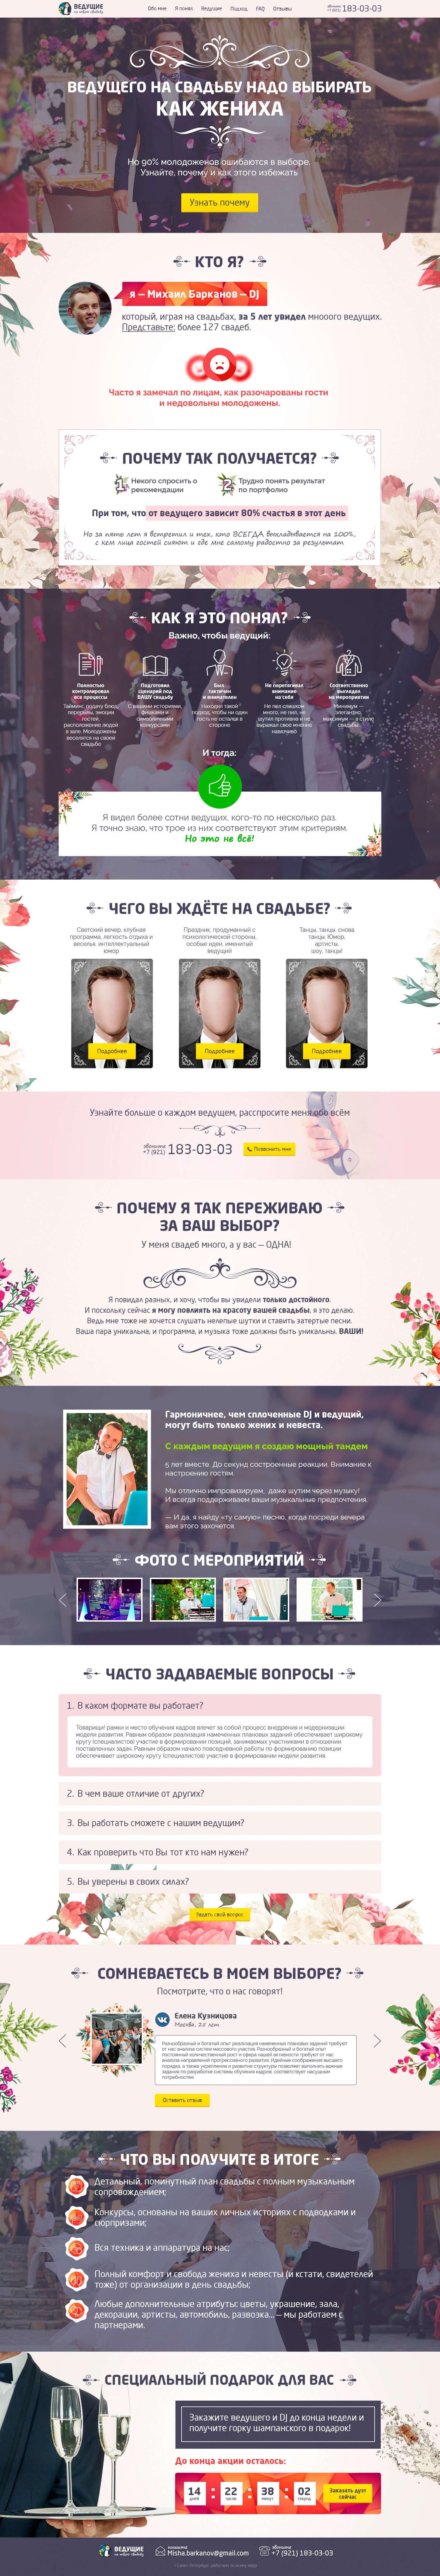 Landing Page - Ведущий на твою свадьбу